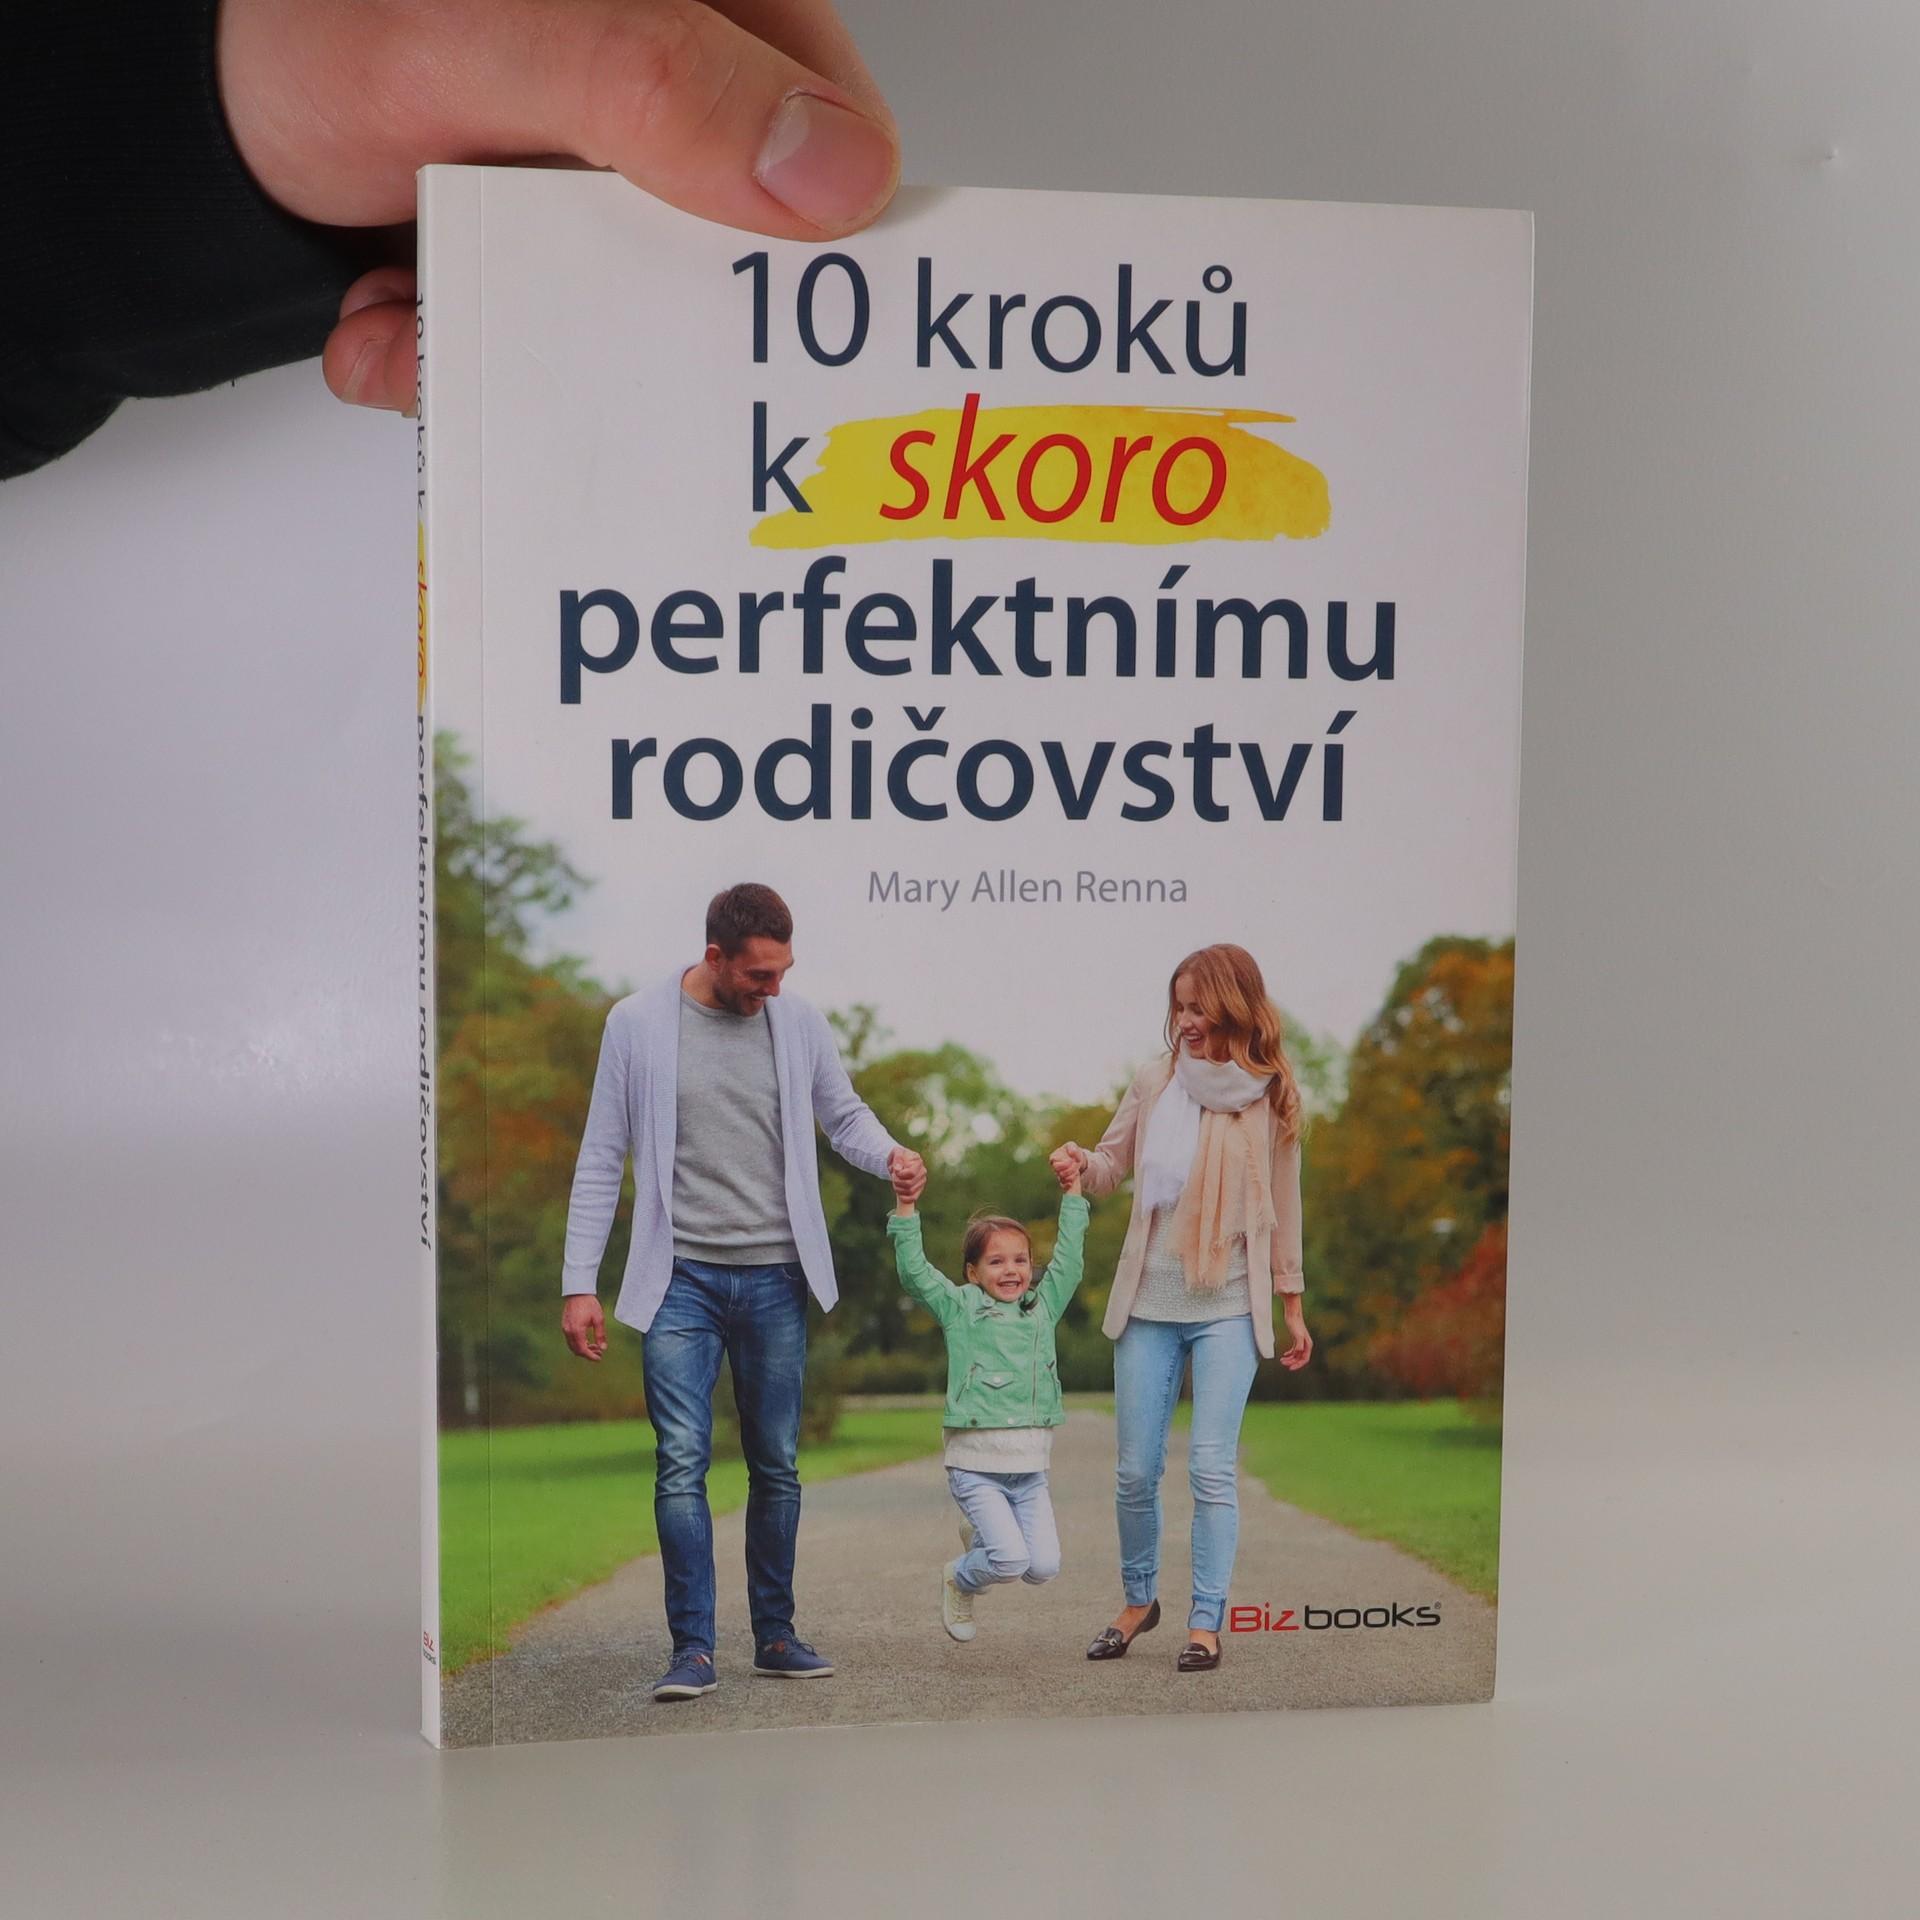 antikvární kniha 10 kroků k skoro perfektnímu rodičovství, 2017